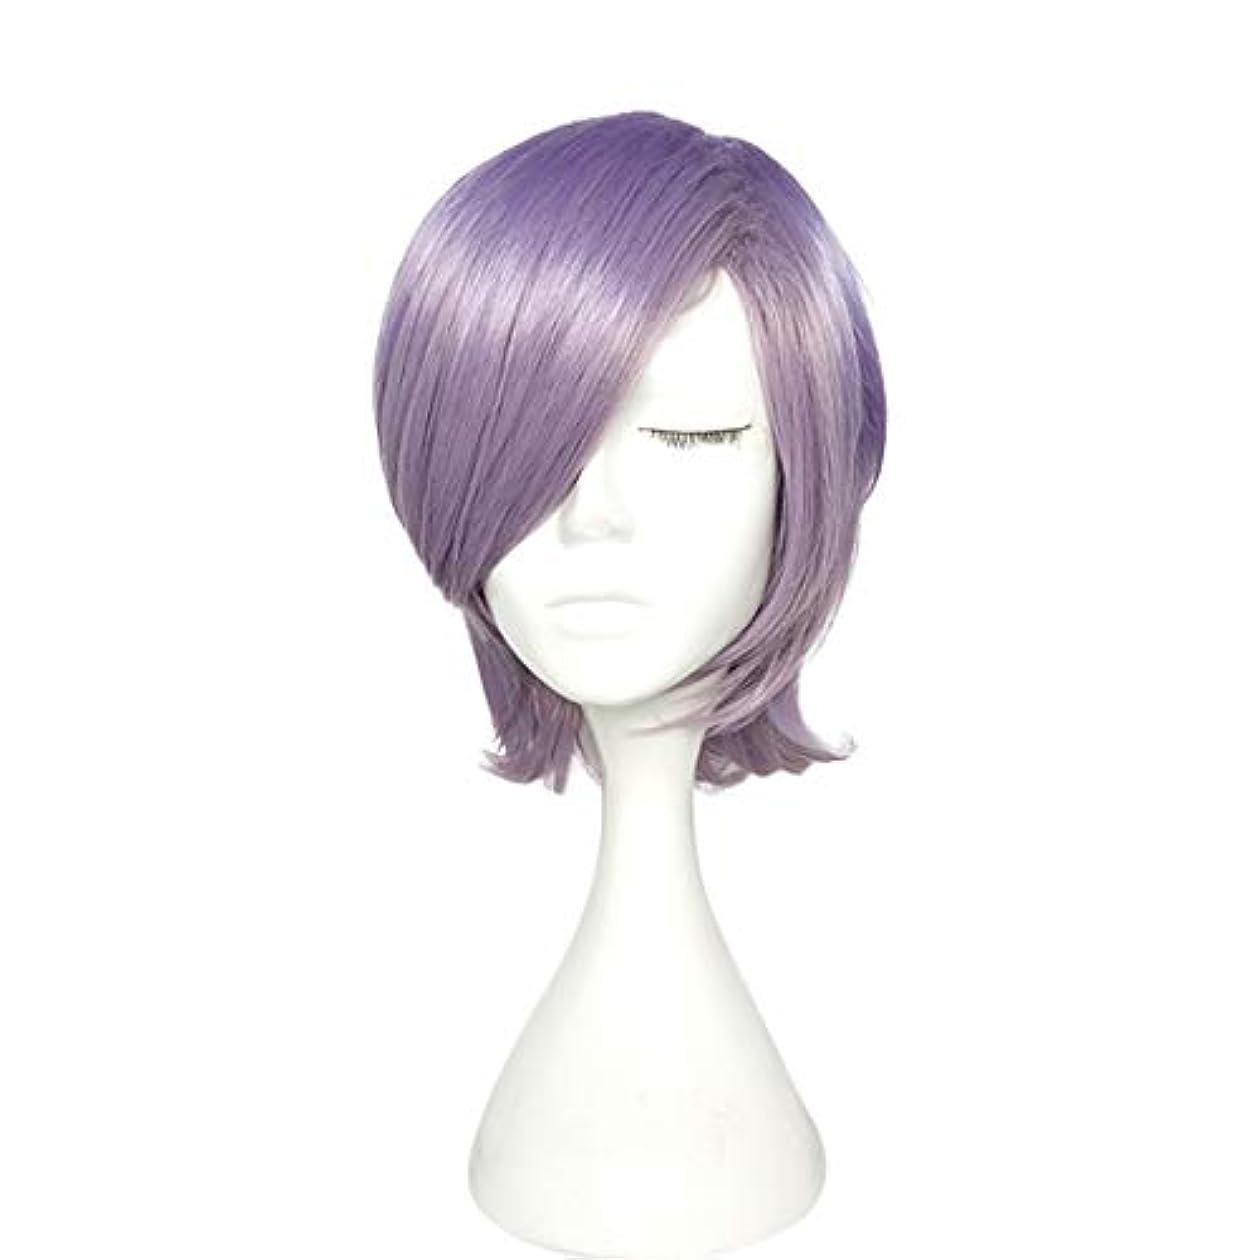 ほのかオーバードロー吸収剤YOUQIU パープルウィッグ高温シルクショートカーリーヘアマイクロロール梨ヘッドウィッグ帽子ウィッグ (色 : 紫の)